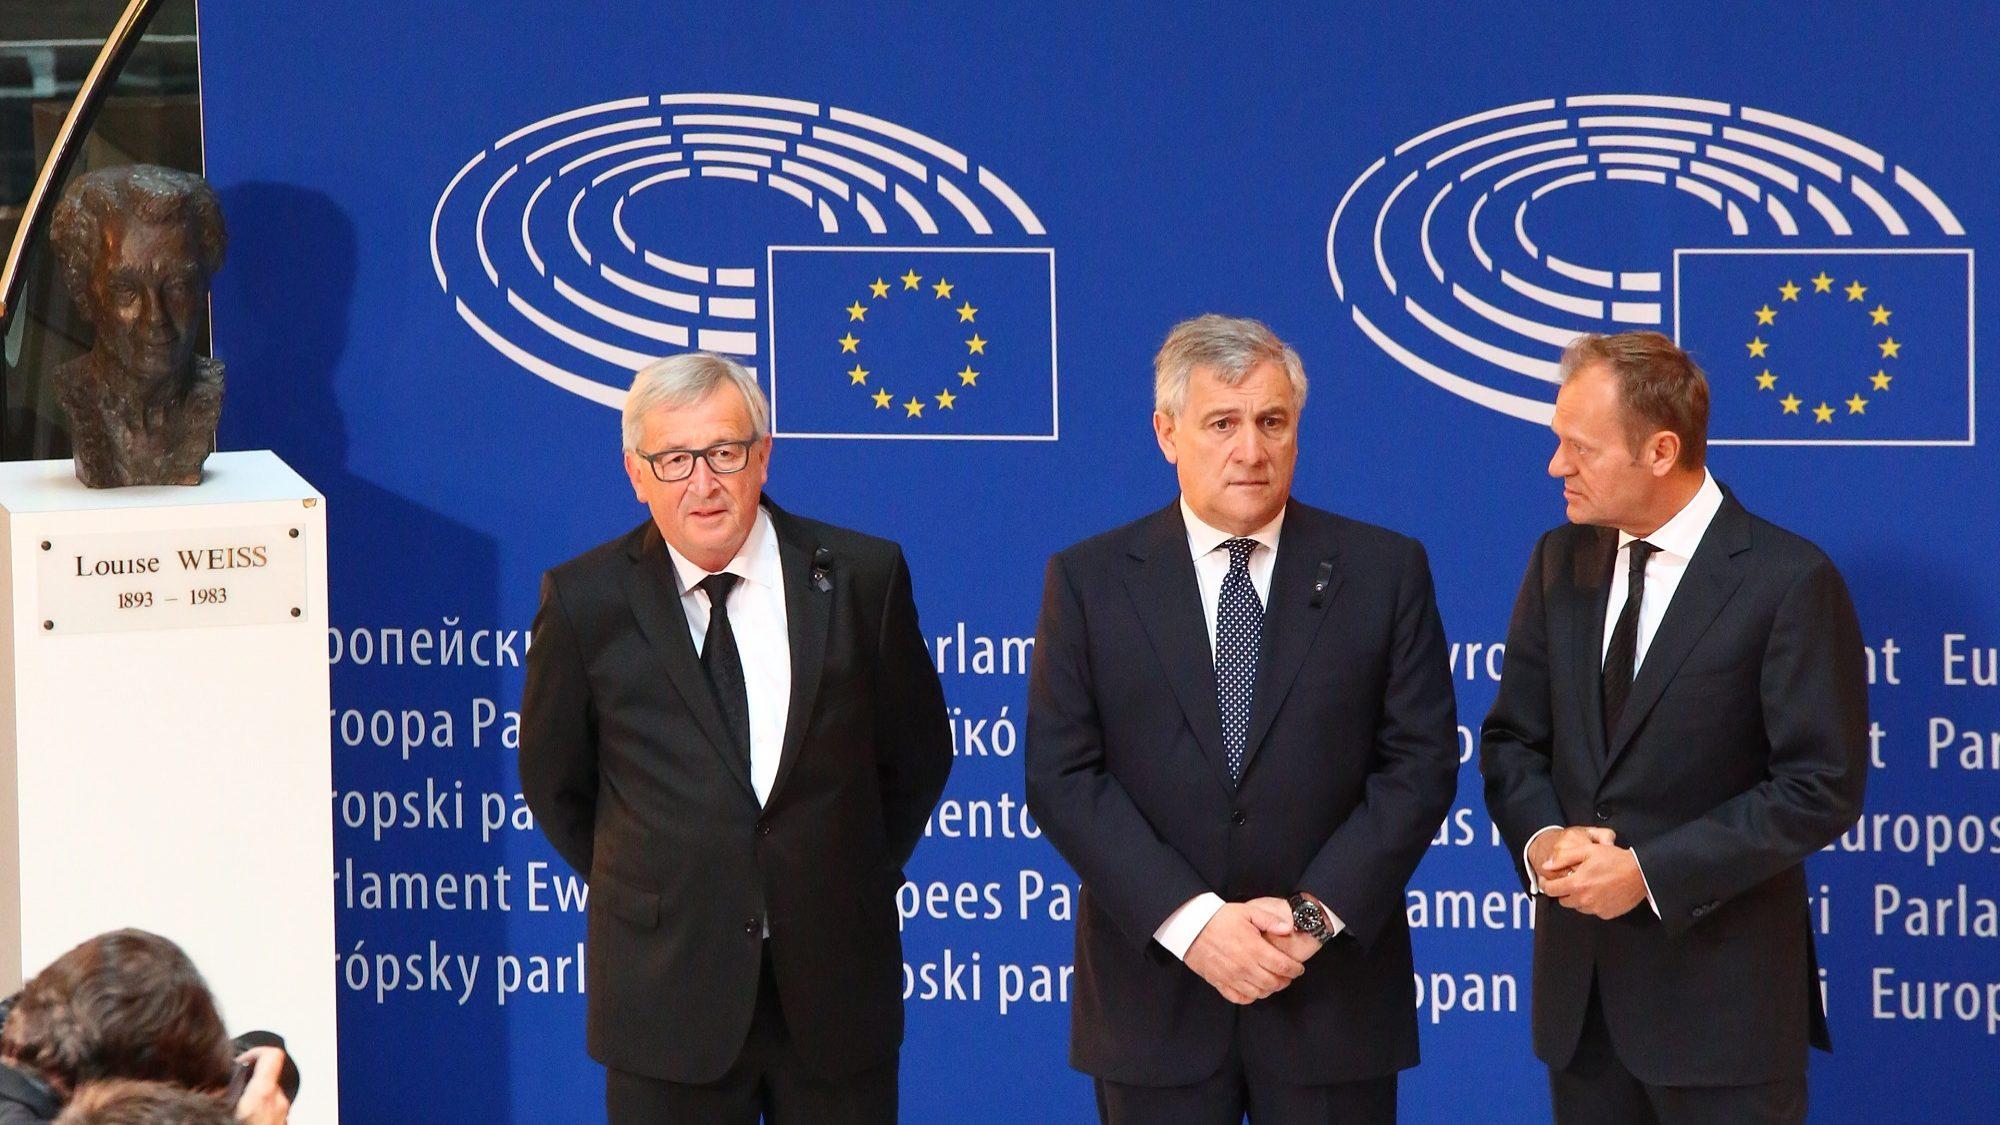 Já há acordo político para controlar investimentos chineses na União Europeia